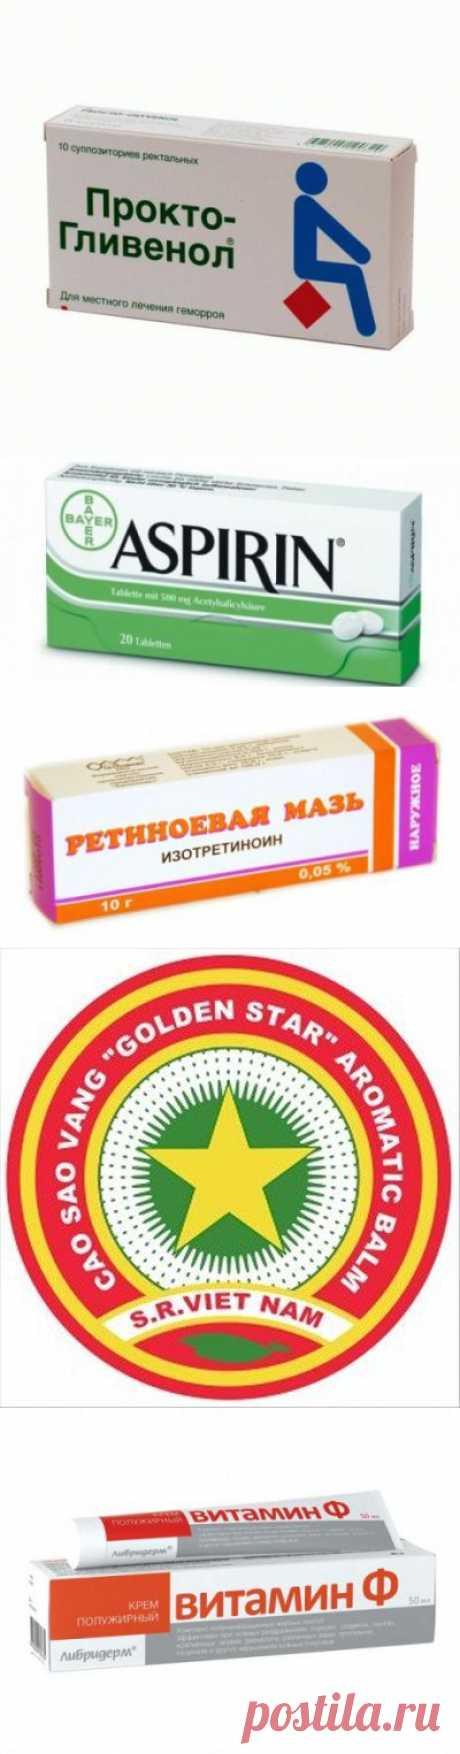 Аптека против морщин. Дешево и результативно   Мамам, женщинам, бабушкам и очень любознательным.